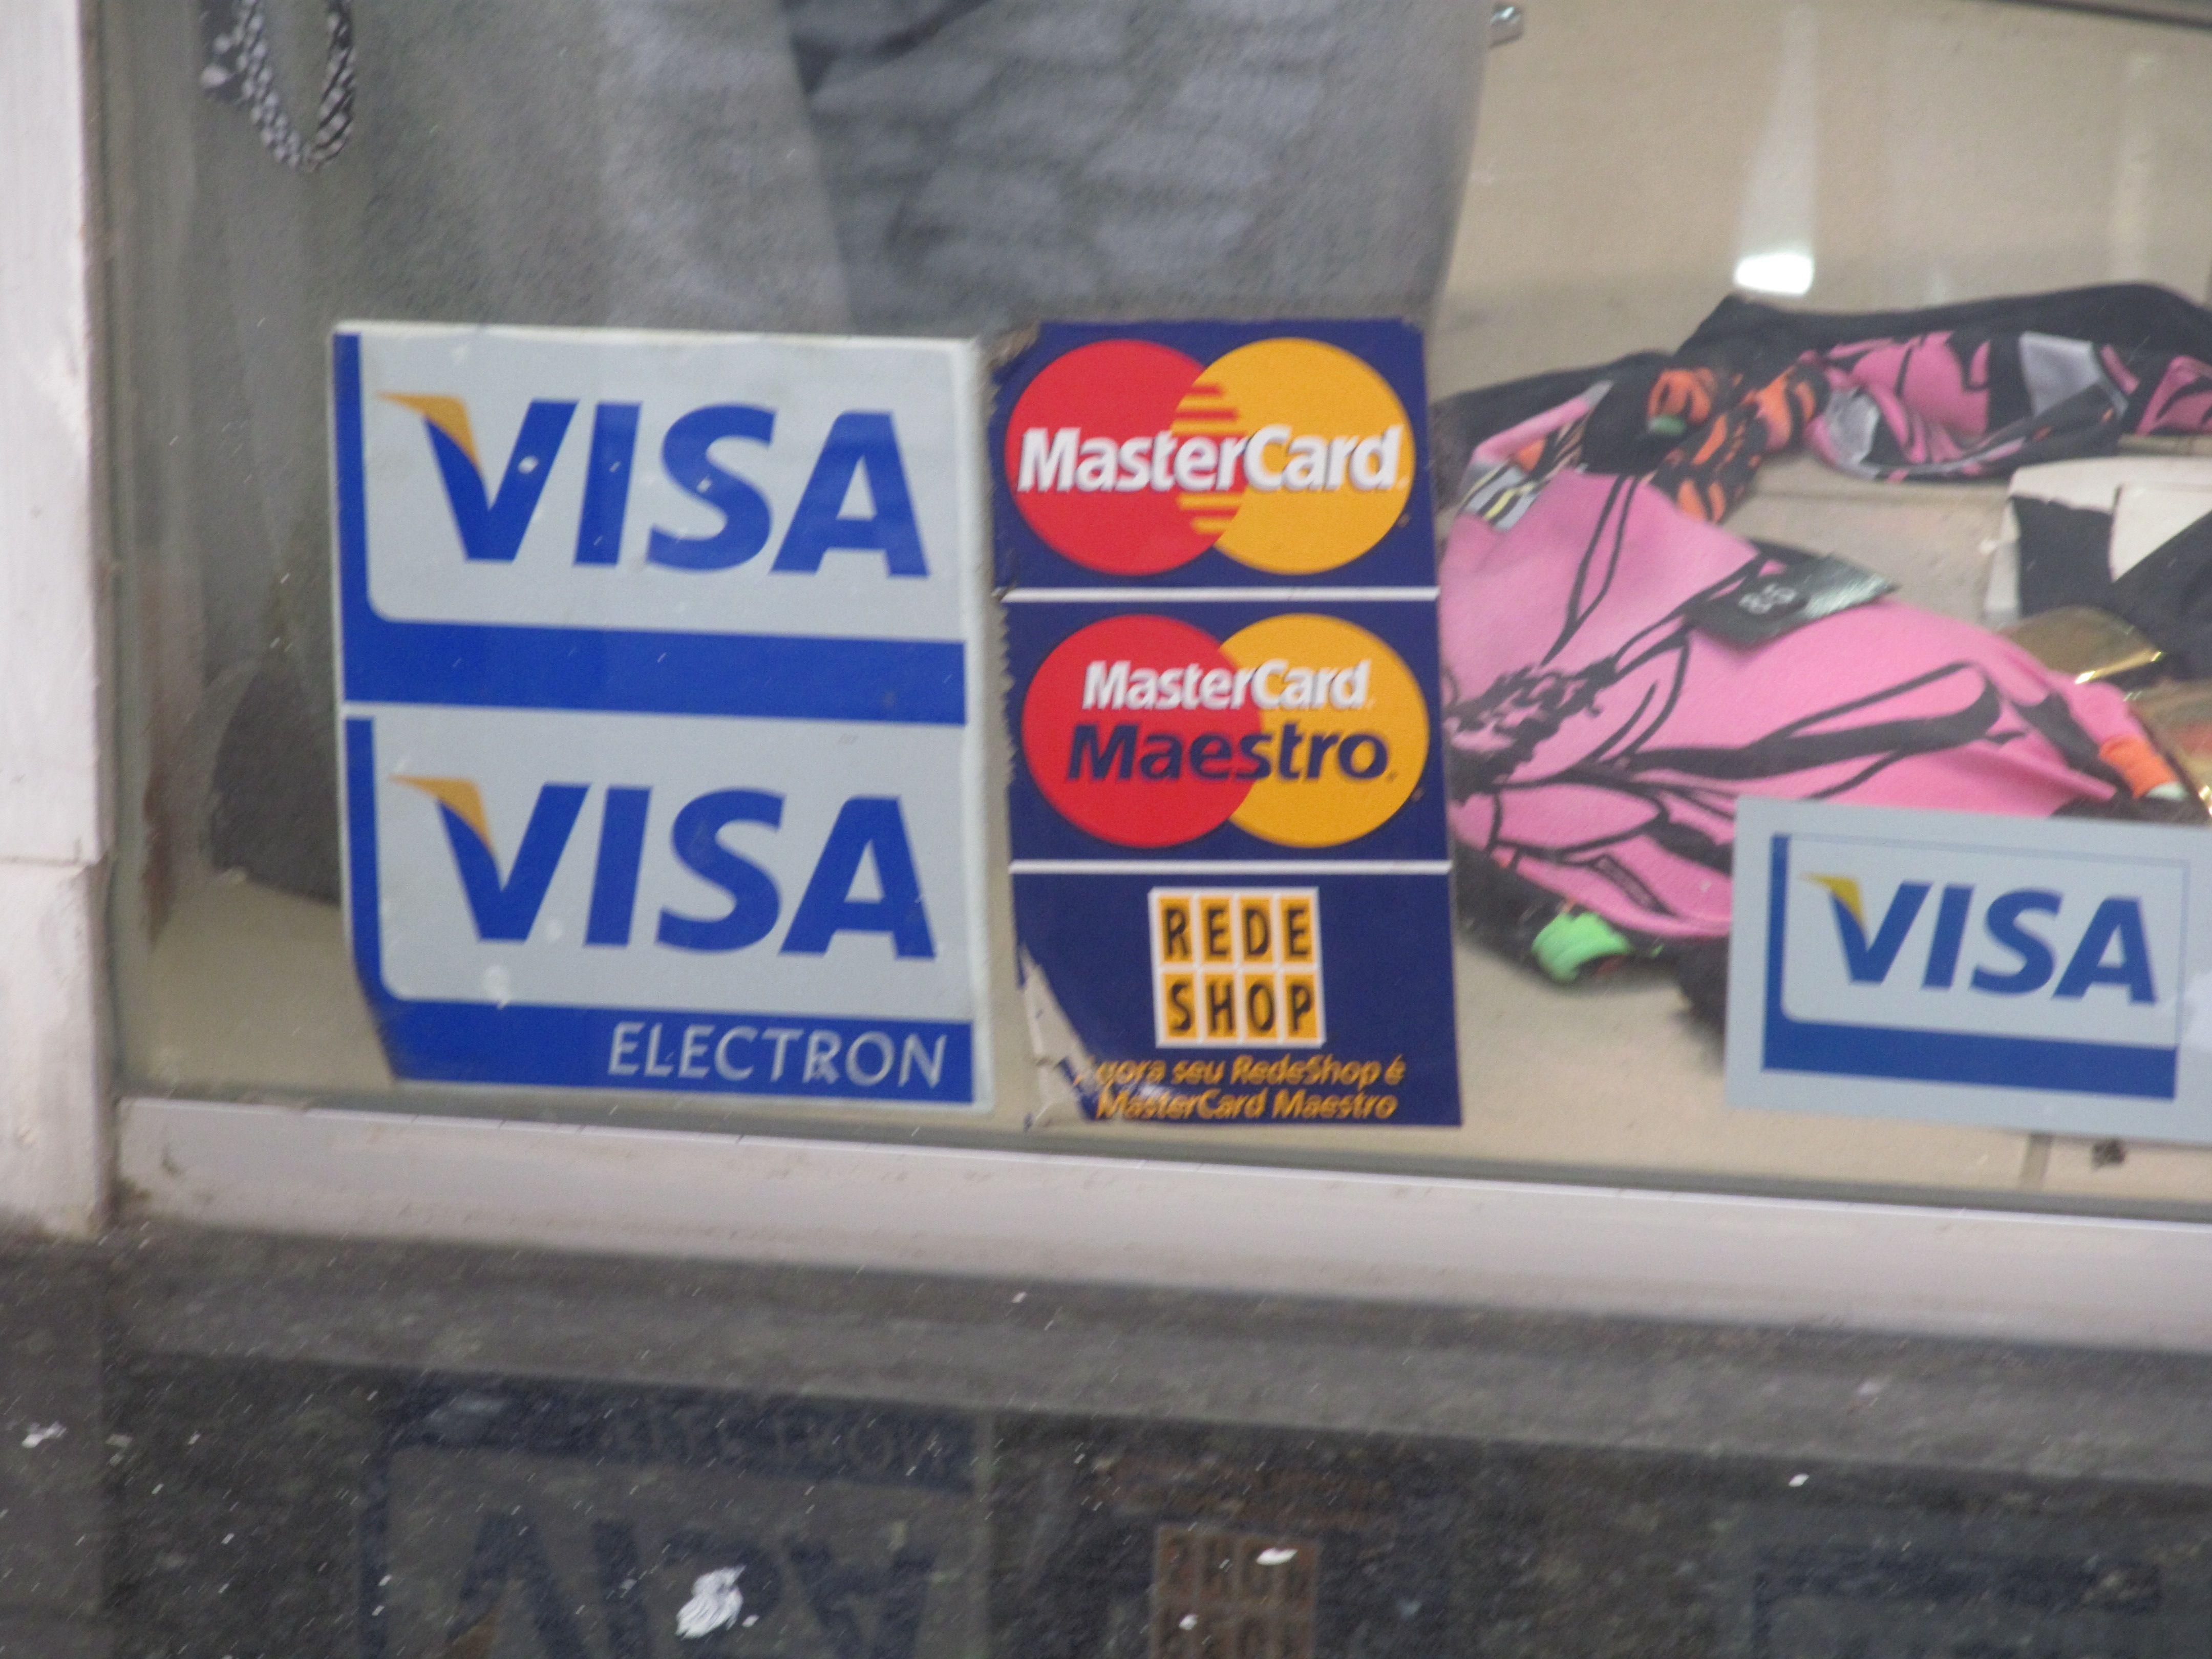 Identidade visual das empresas Visa, MasterCard e Rede Shop, em forma de adesivos afixados a uma vitrine de loja. Os adesivos indicam os cartões aceitos pelo estabelecimento e, portanto, o público a quem se destina a mensagem são os clientes deste local.